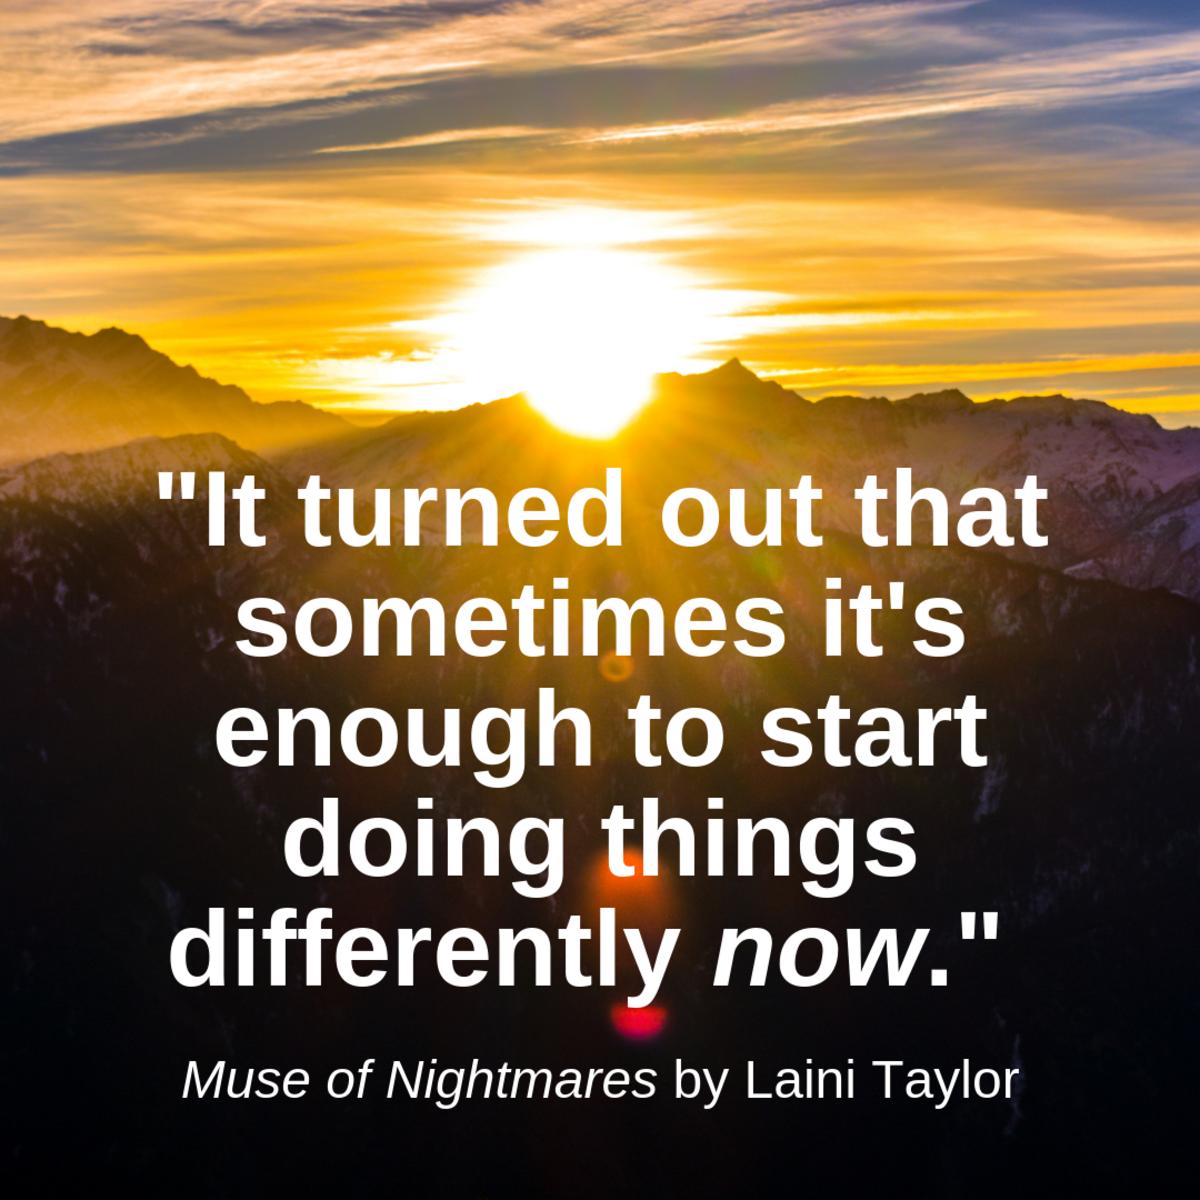 没有完美的开始时间。